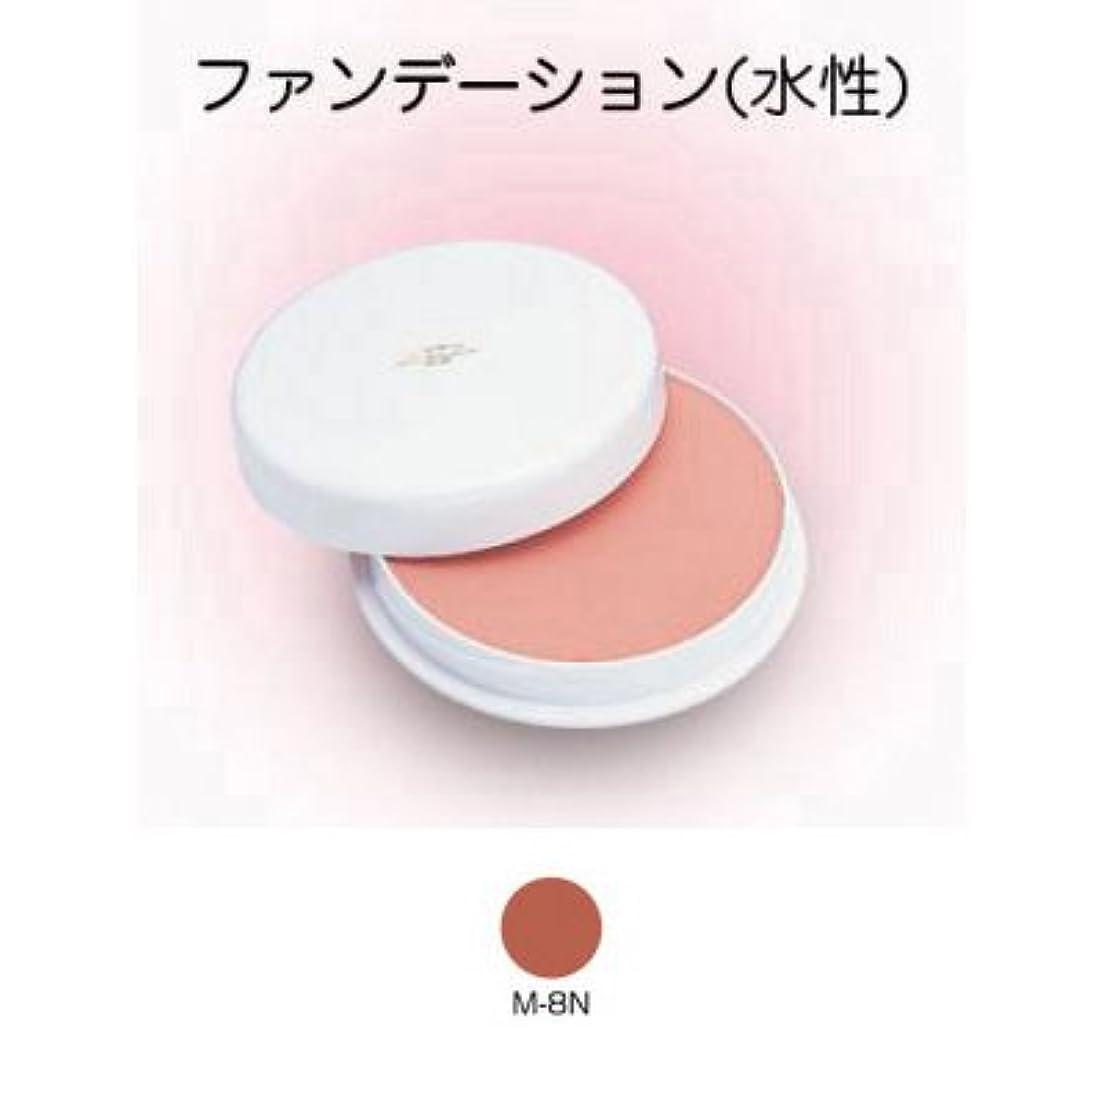 フェースケーキ 60g M-8N 【三善】